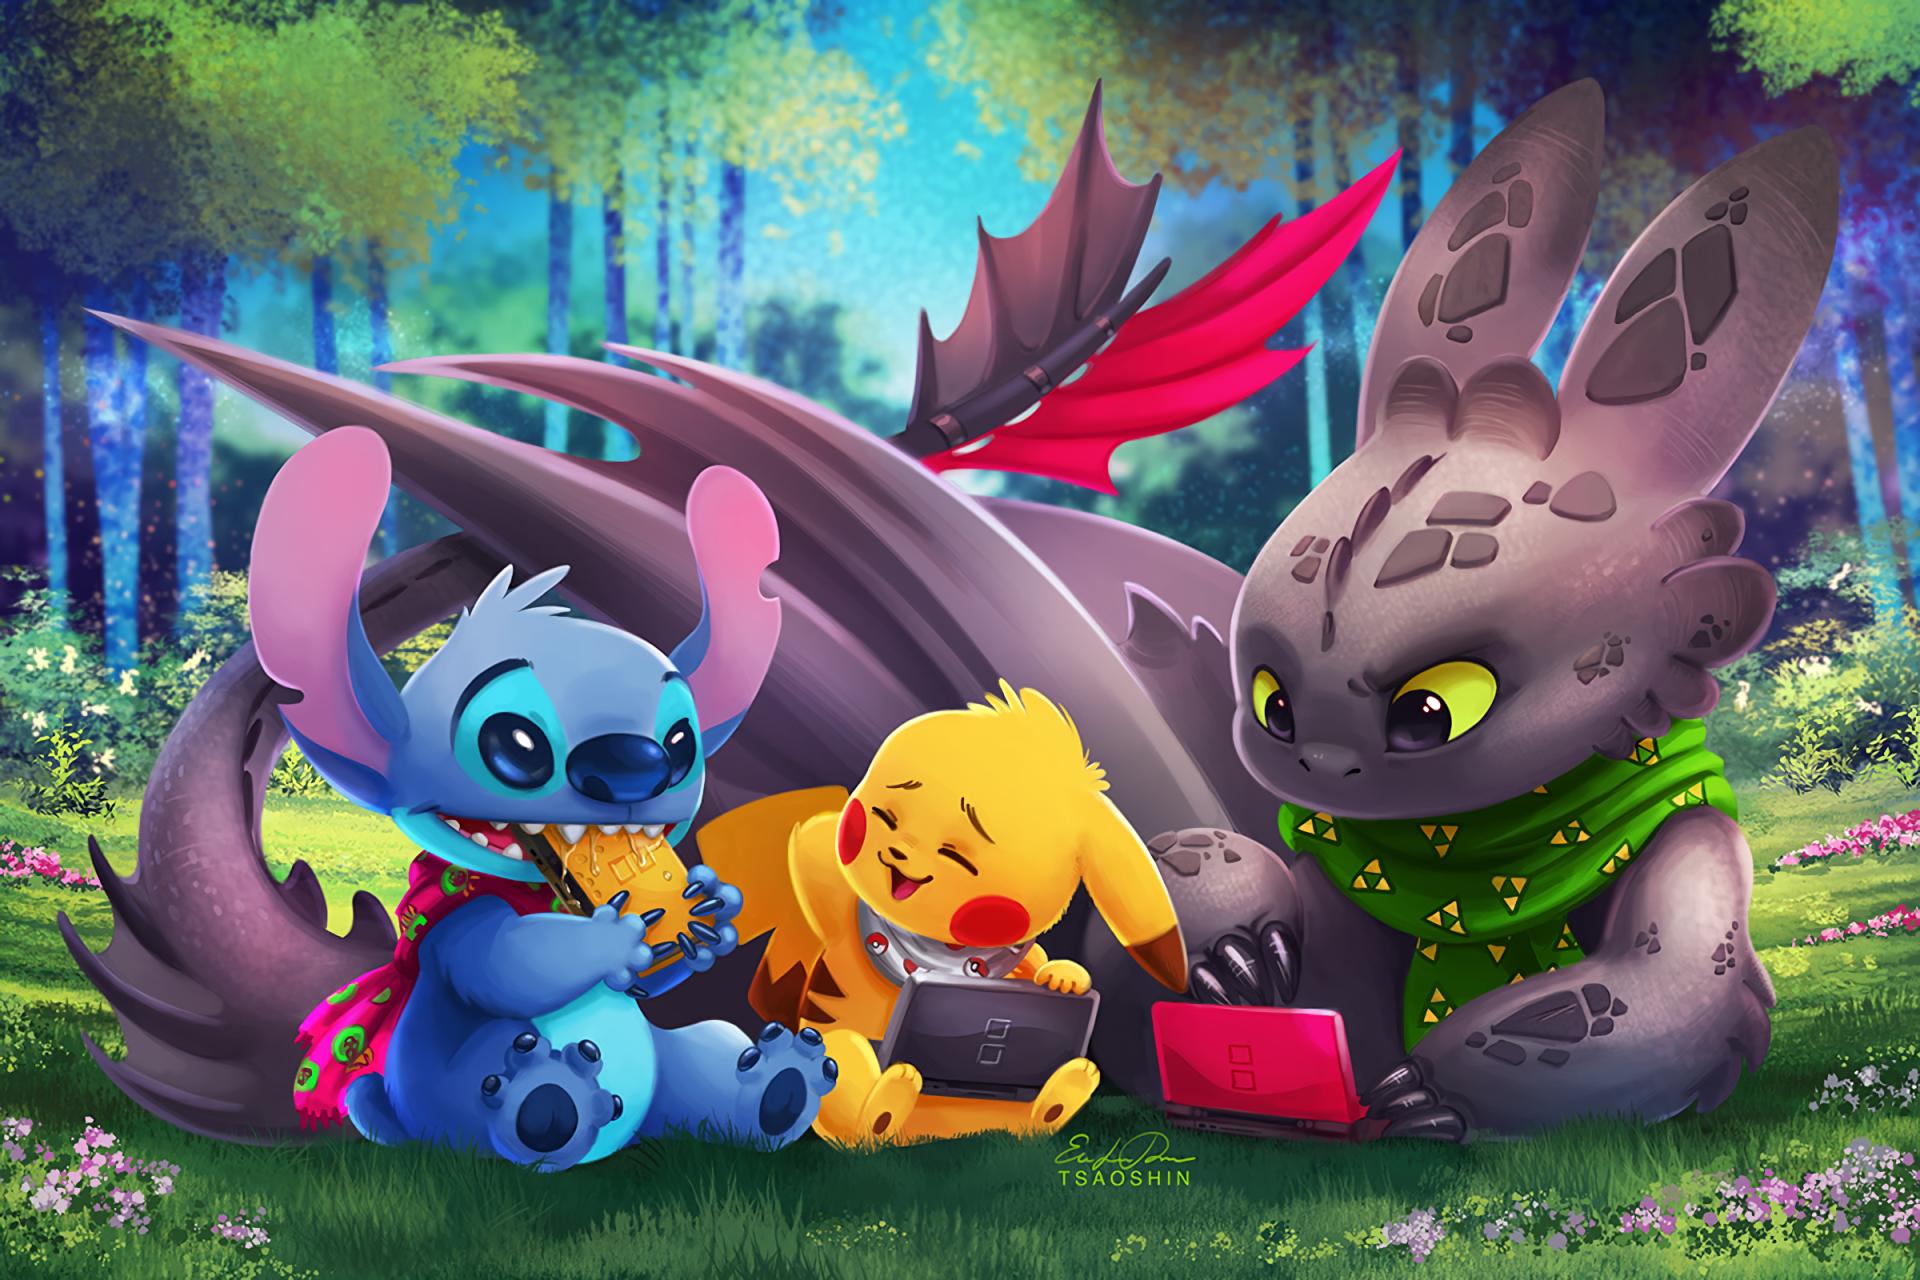 Movie - Crossover  How to Train Your Dragon Pokémon Lilo & Stitch Toothless (How to Train Your Dragon) Pikachu Stitch (Lilo & Stitch) Wallpaper